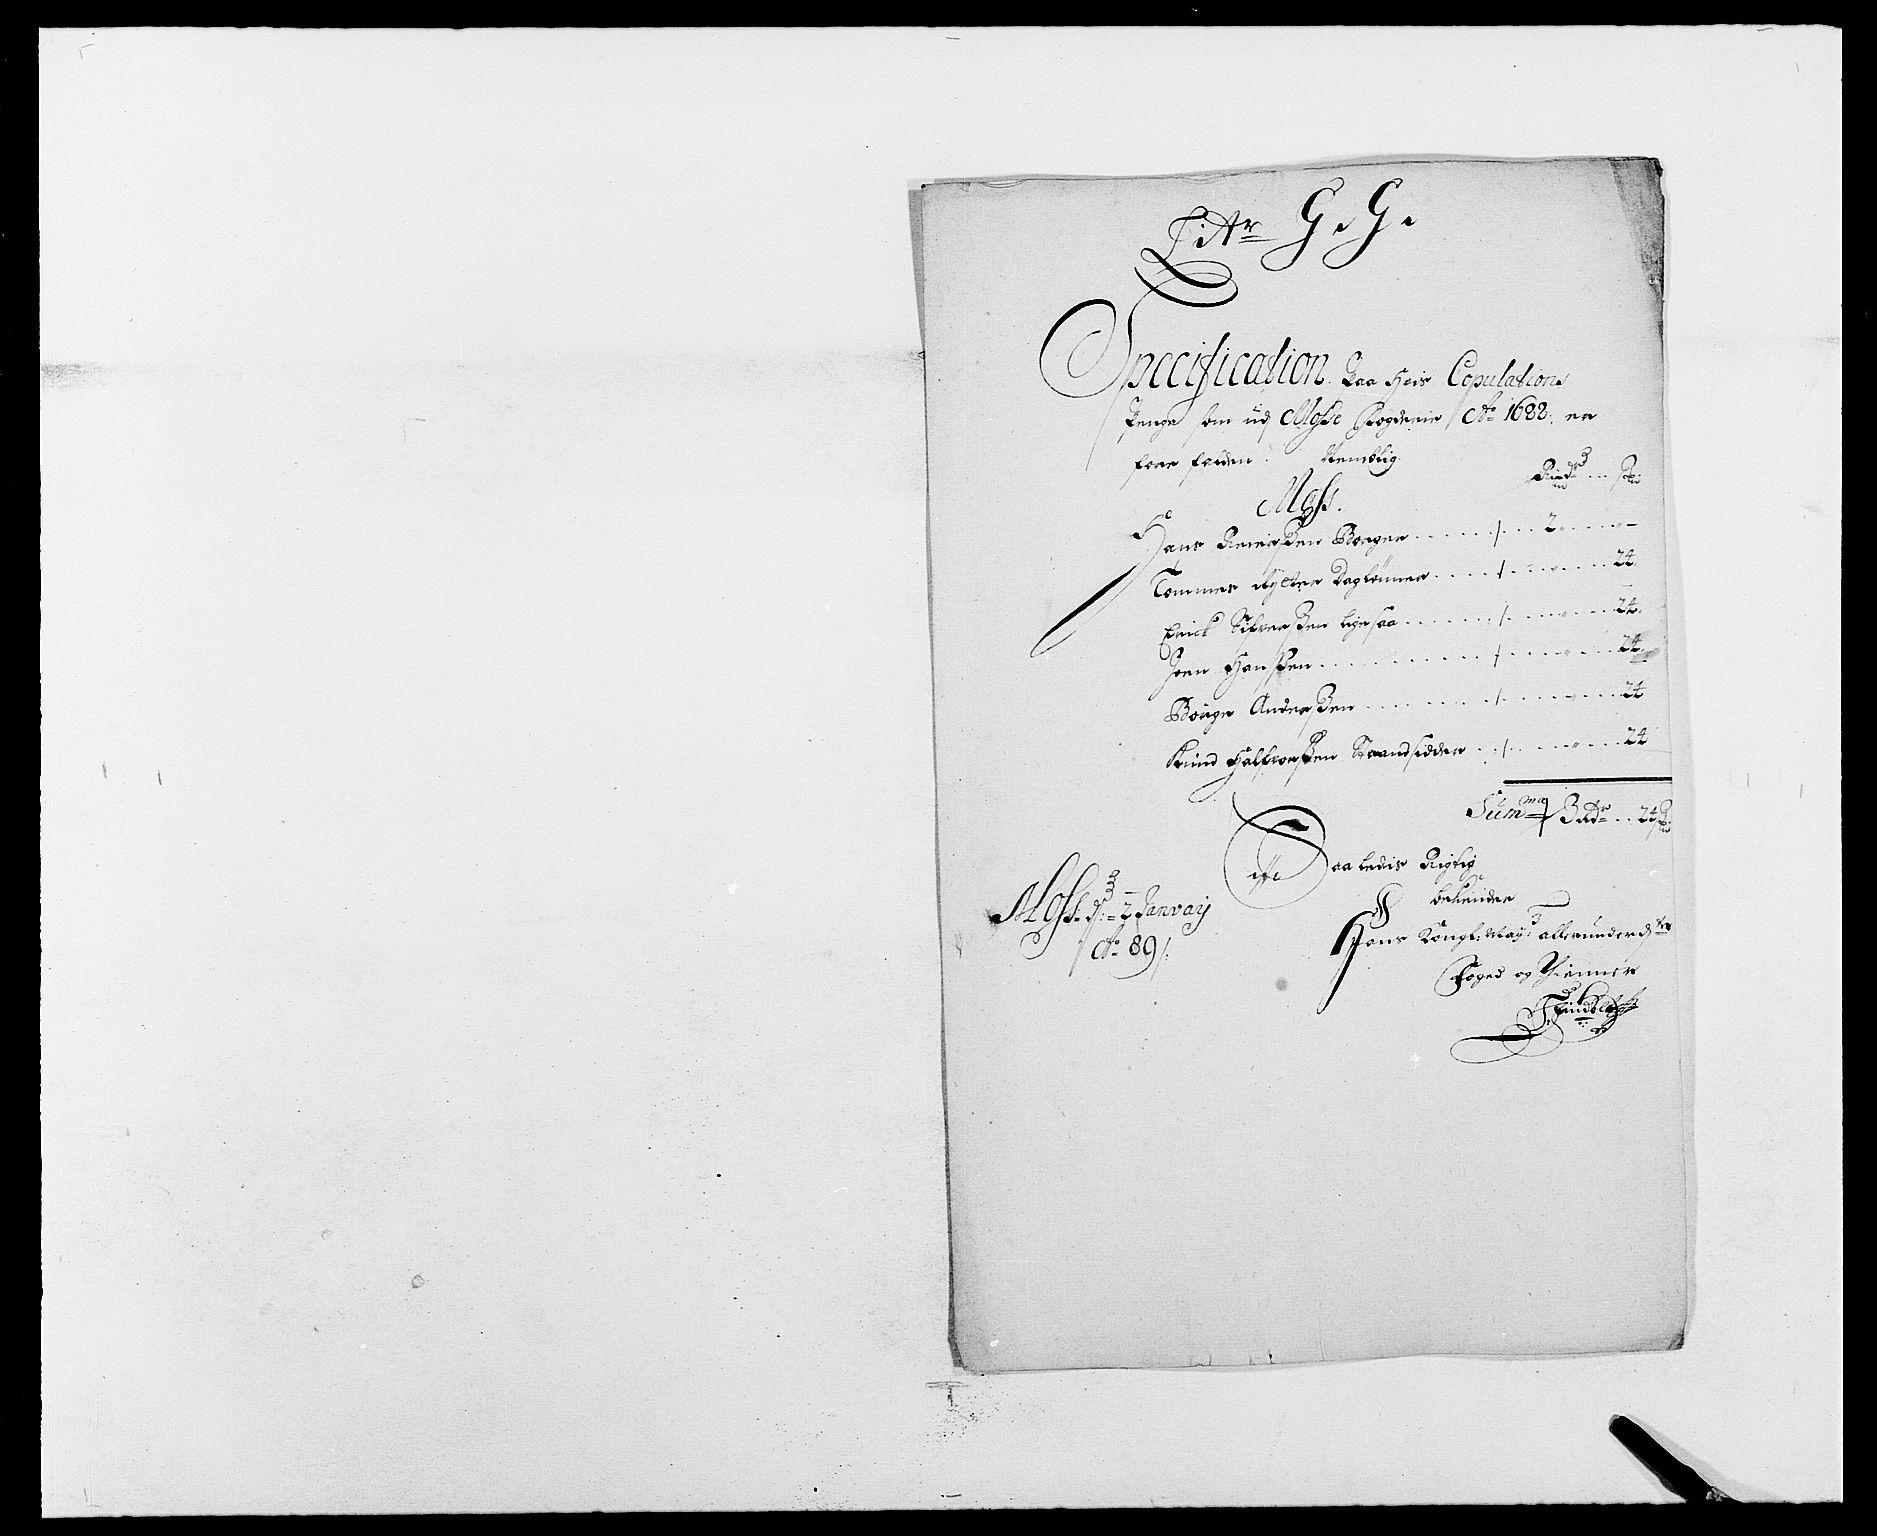 RA, Rentekammeret inntil 1814, Reviderte regnskaper, Fogderegnskap, R02/L0106: Fogderegnskap Moss og Verne kloster, 1688-1691, s. 138